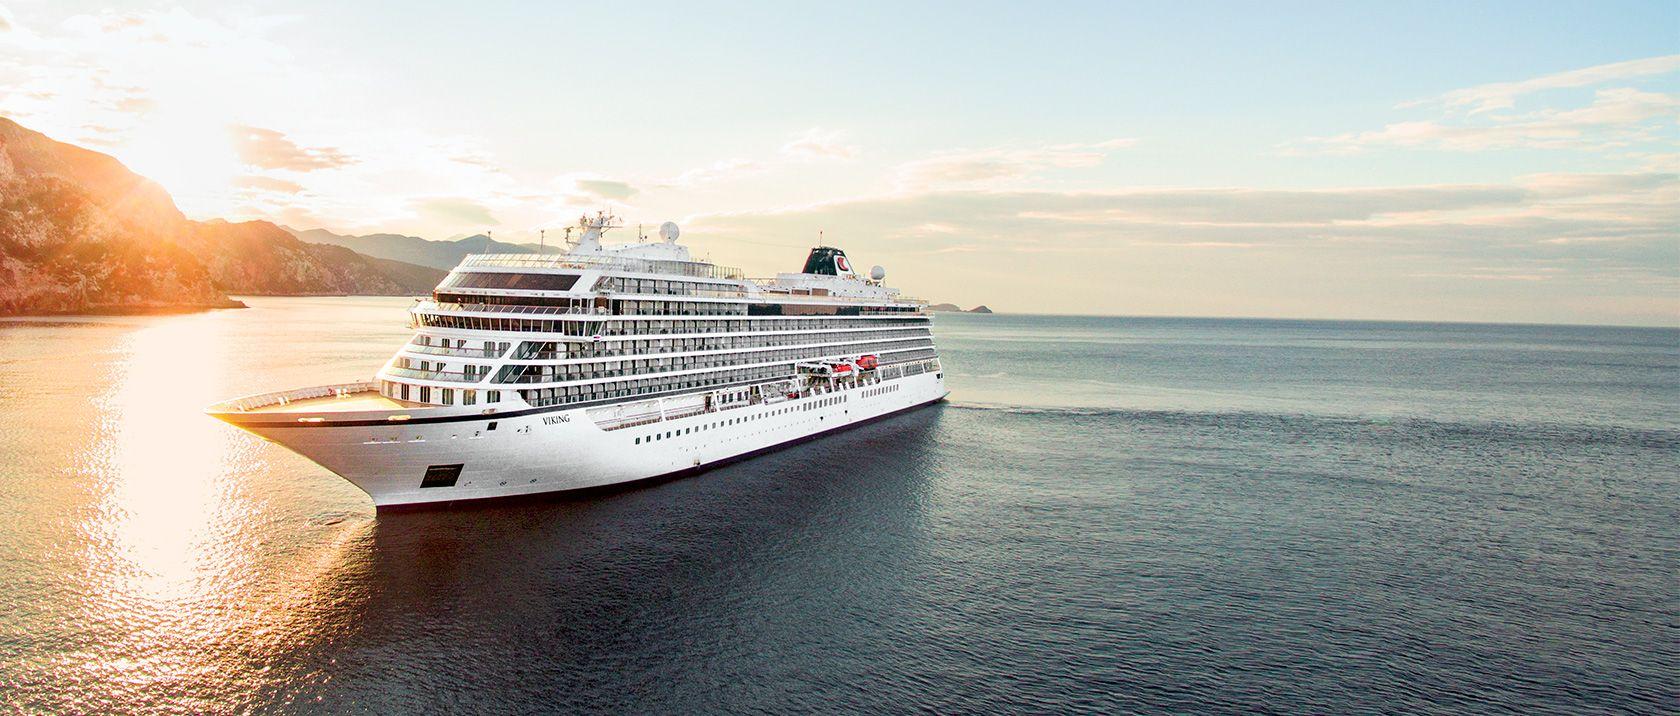 Este es el crucero más largo del mundo: dura ocho meses